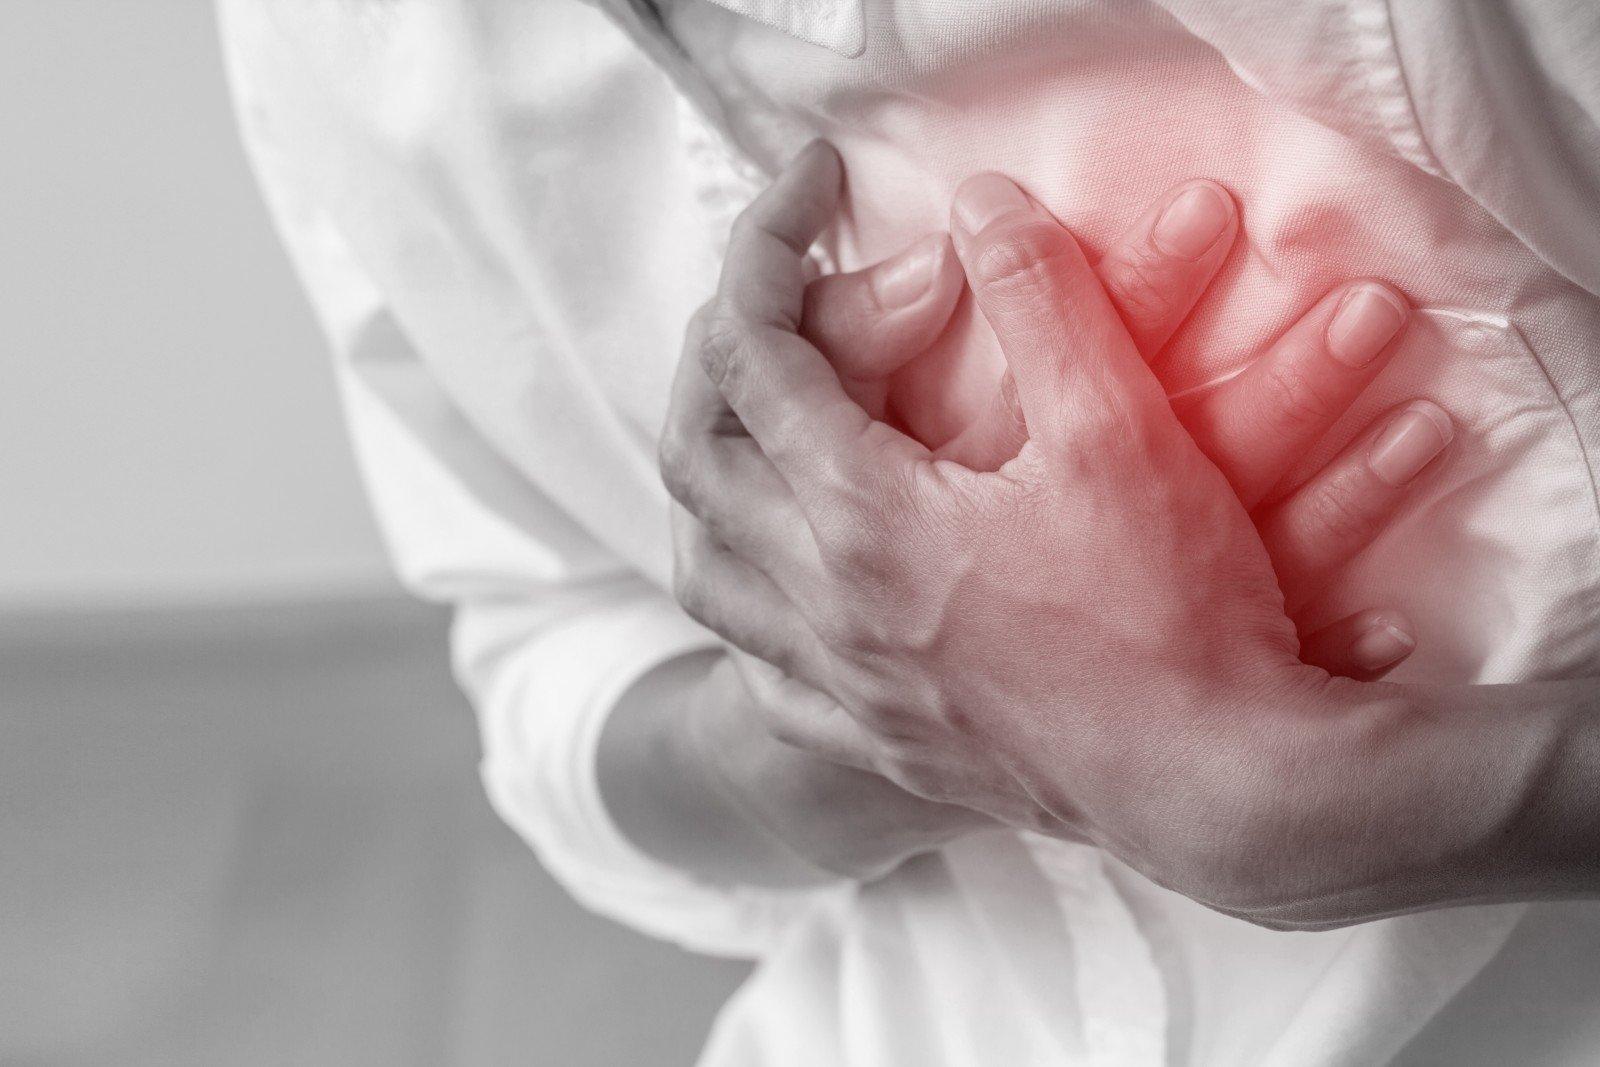 kaip treniruoti hipertenzija sergančią širdį ir kraujagysles slėgio skirtumas esant aukštam slėgiui nuo hipertenzijos